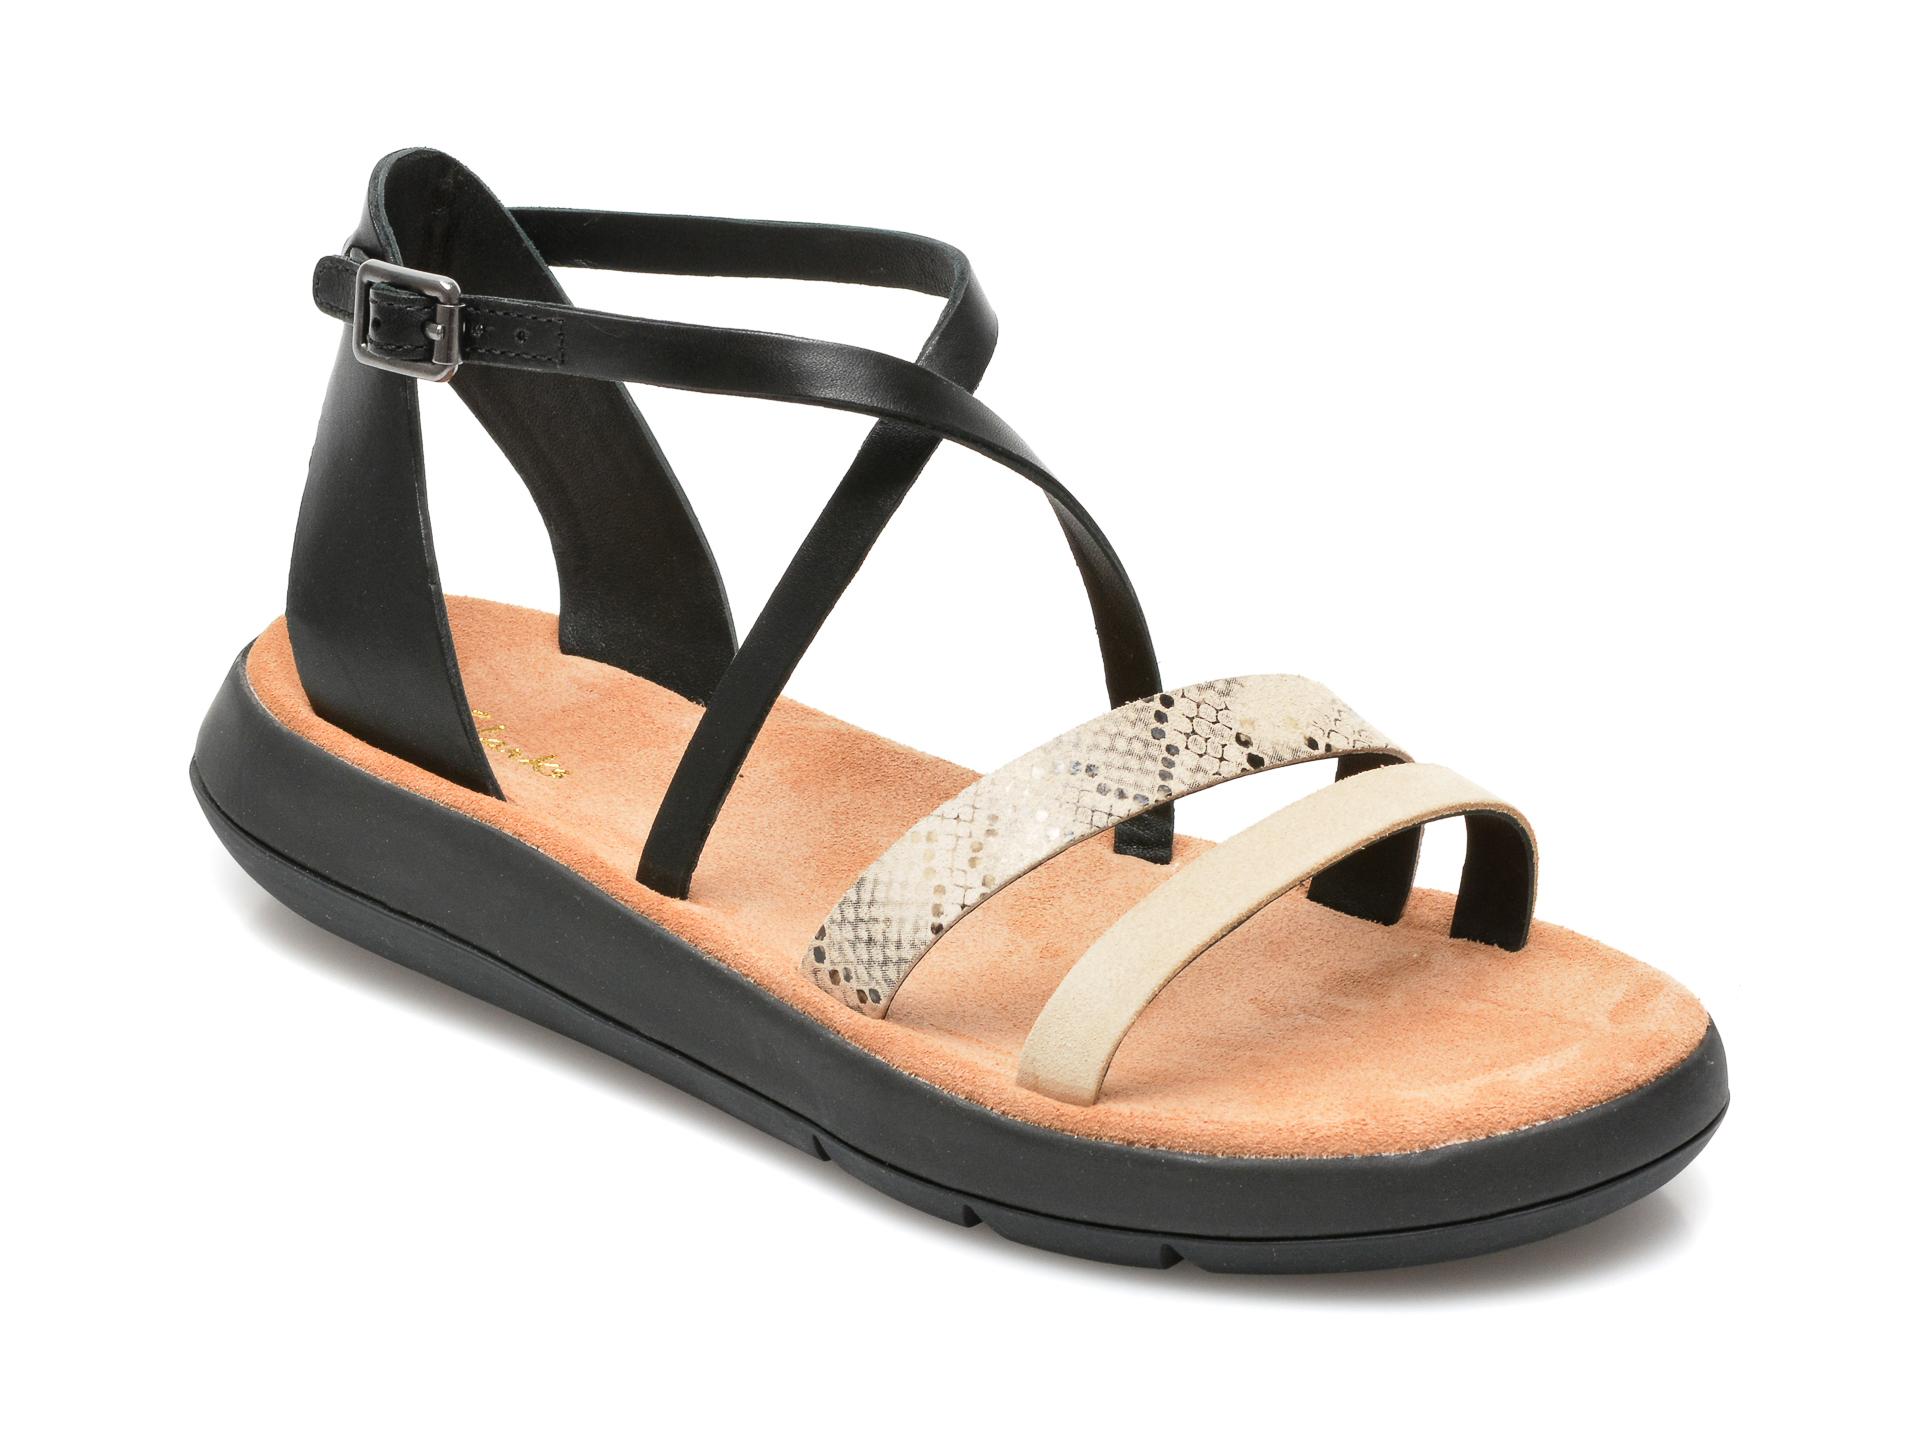 Sandale CLARKS nude, Alice Greta, din piele naturala